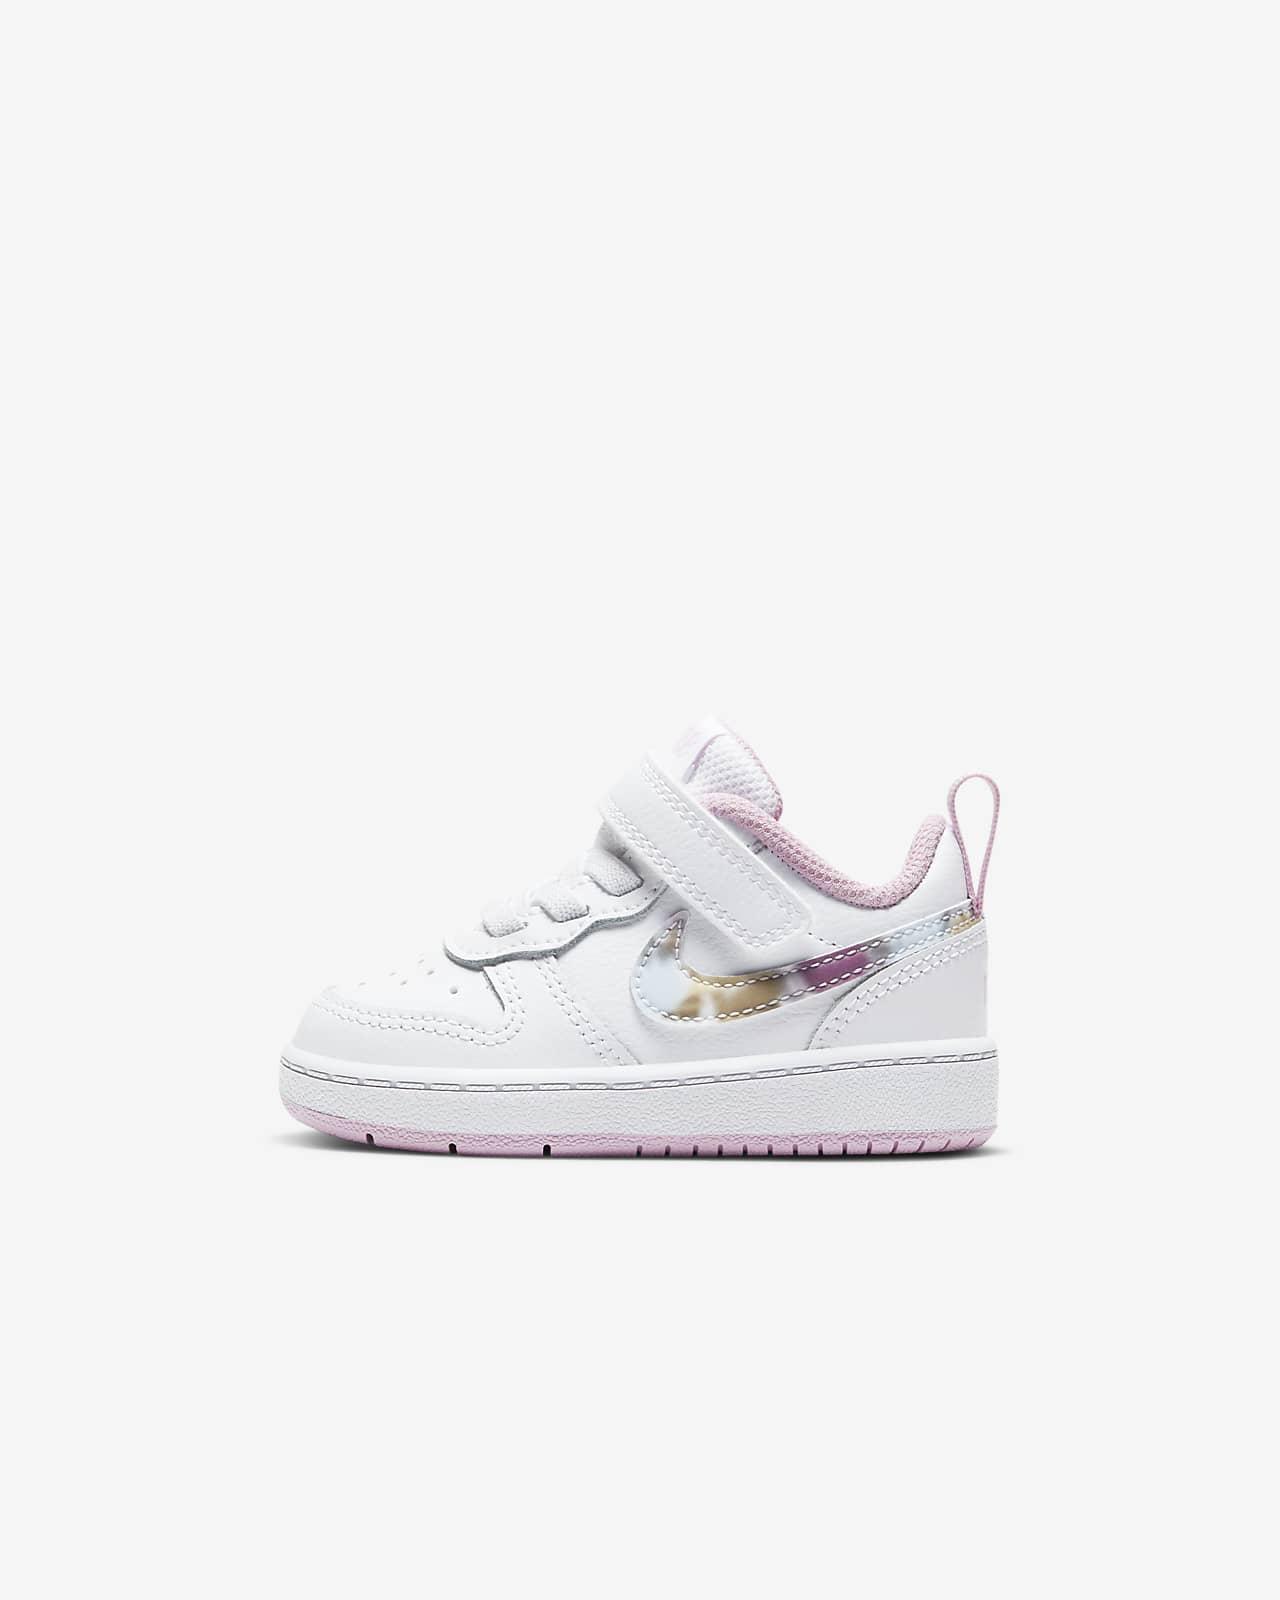 Nike Court Borough Low 2 SE Baby/Toddler Shoe